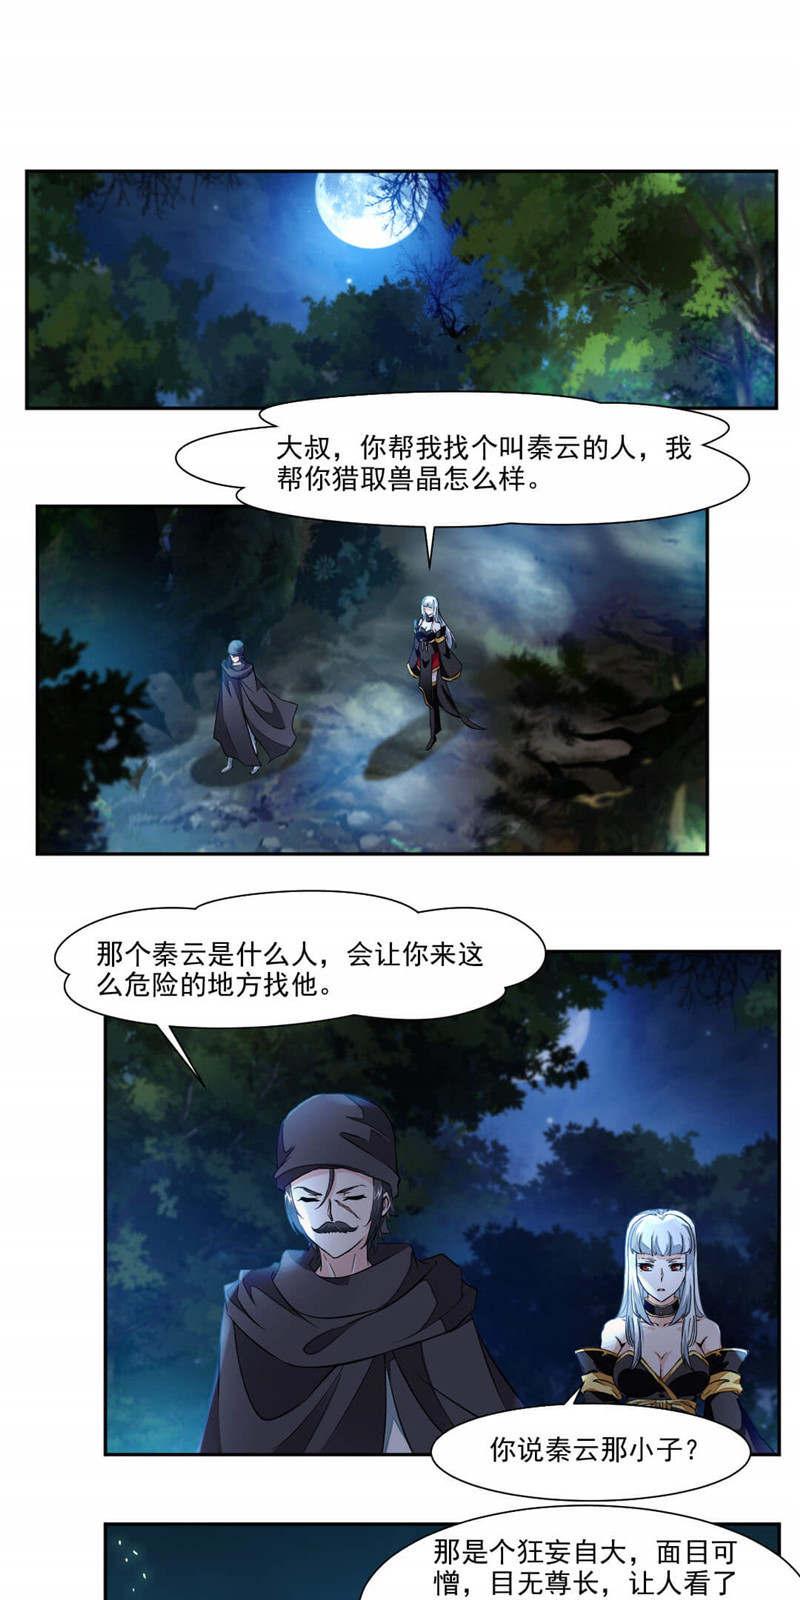 九阳神王第20话  崔慧的诱邀 第 10